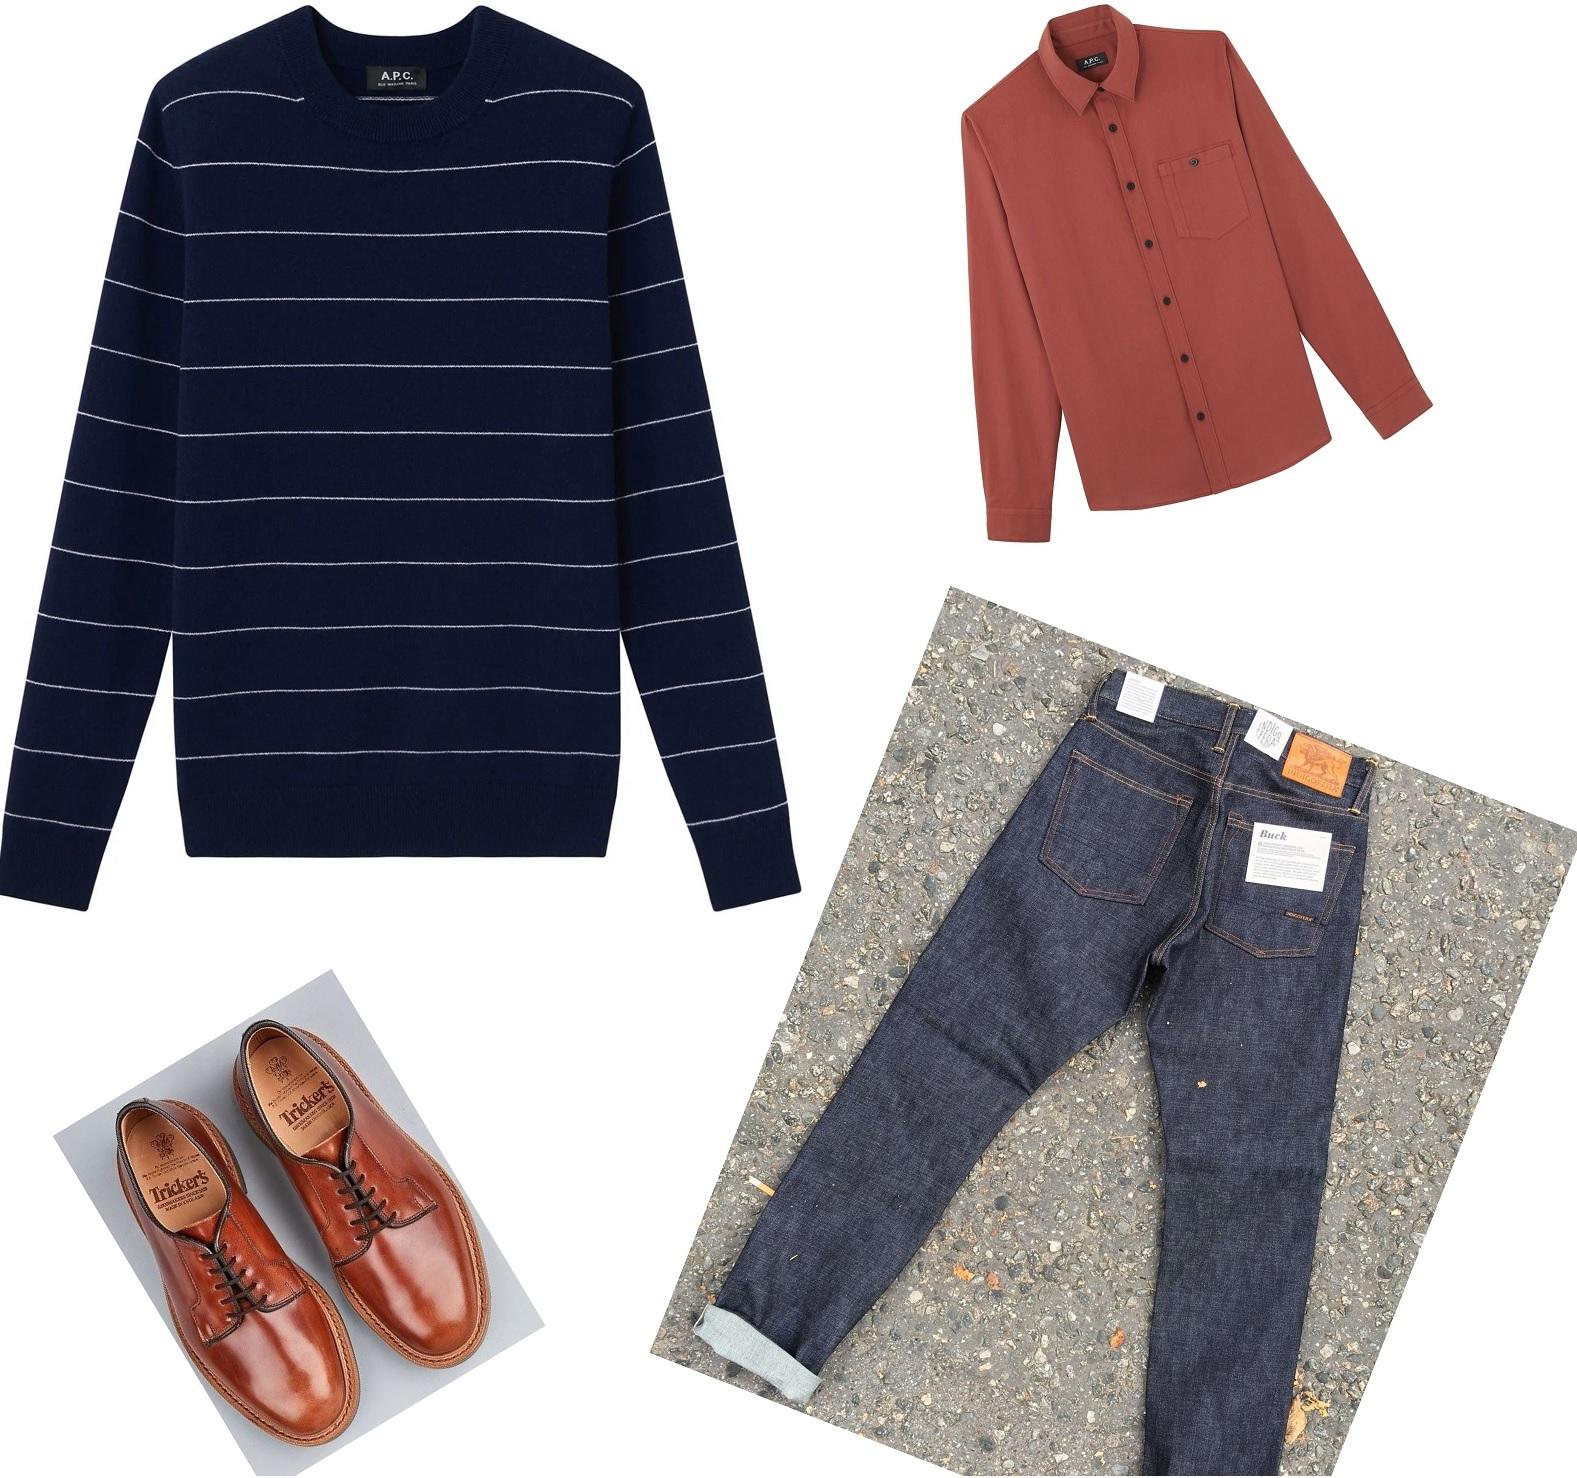 trøje og skjorte outfit til mænd